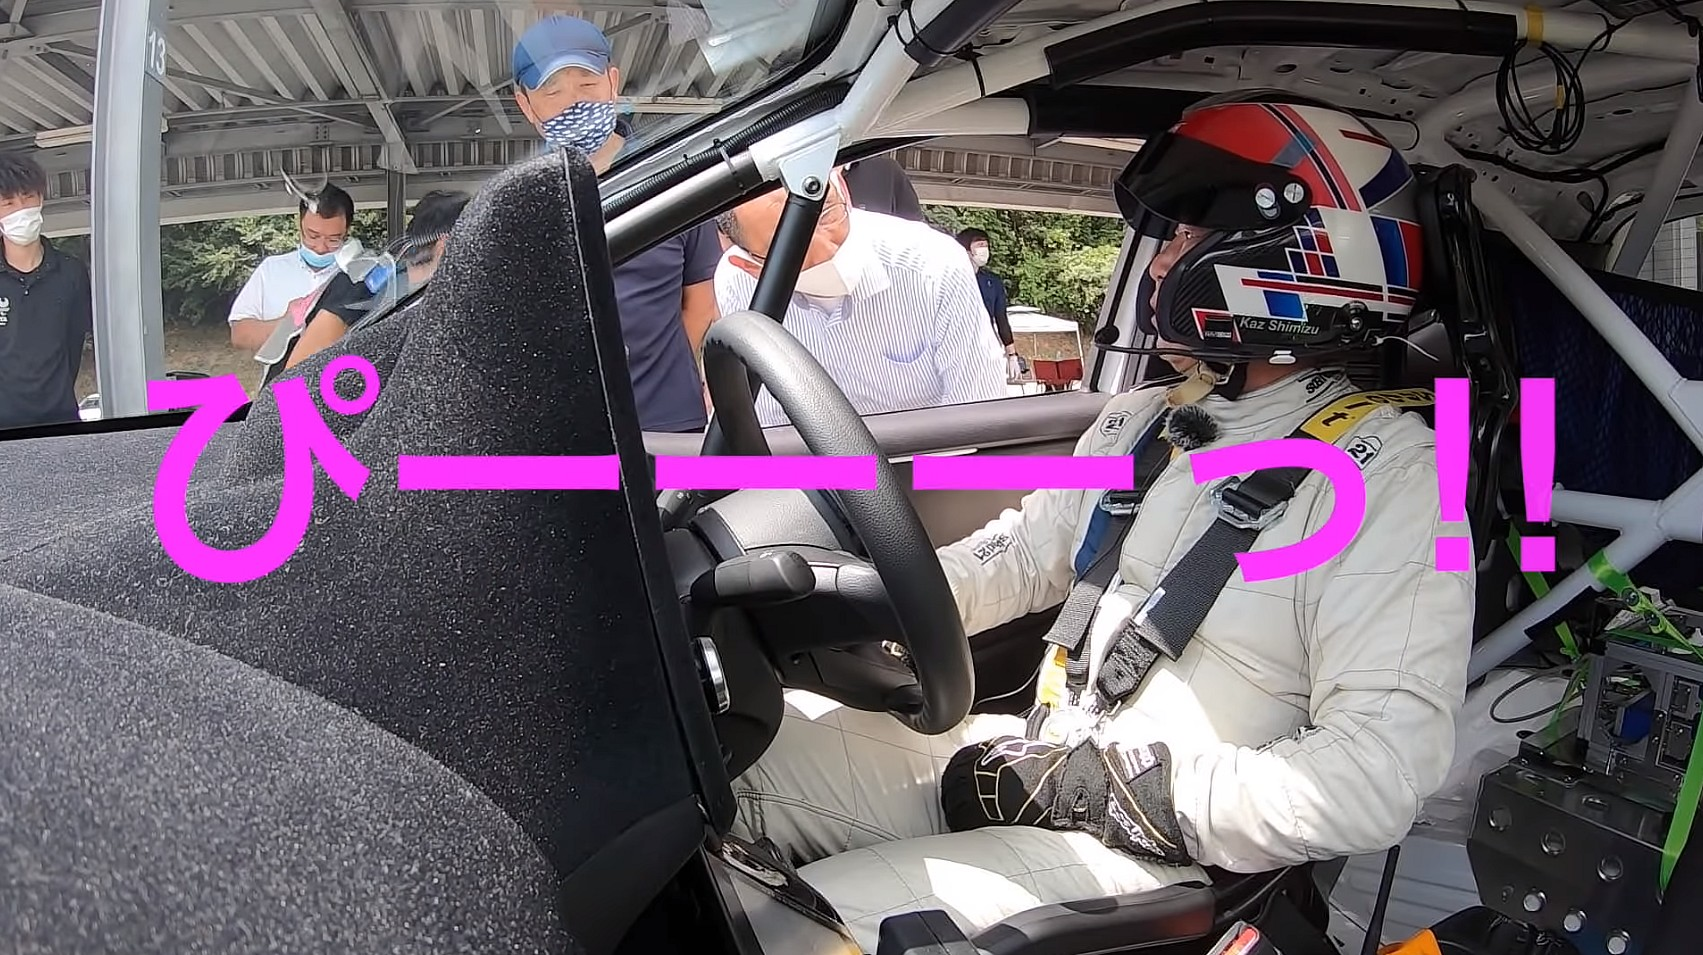 「トヨタ・ヤリスCVT・全日本ラリー参戦用清水和夫号の実走テストが始まった! エンジントルクを可視化できる解析機器とは?【SYE_X】」の8枚目の画像